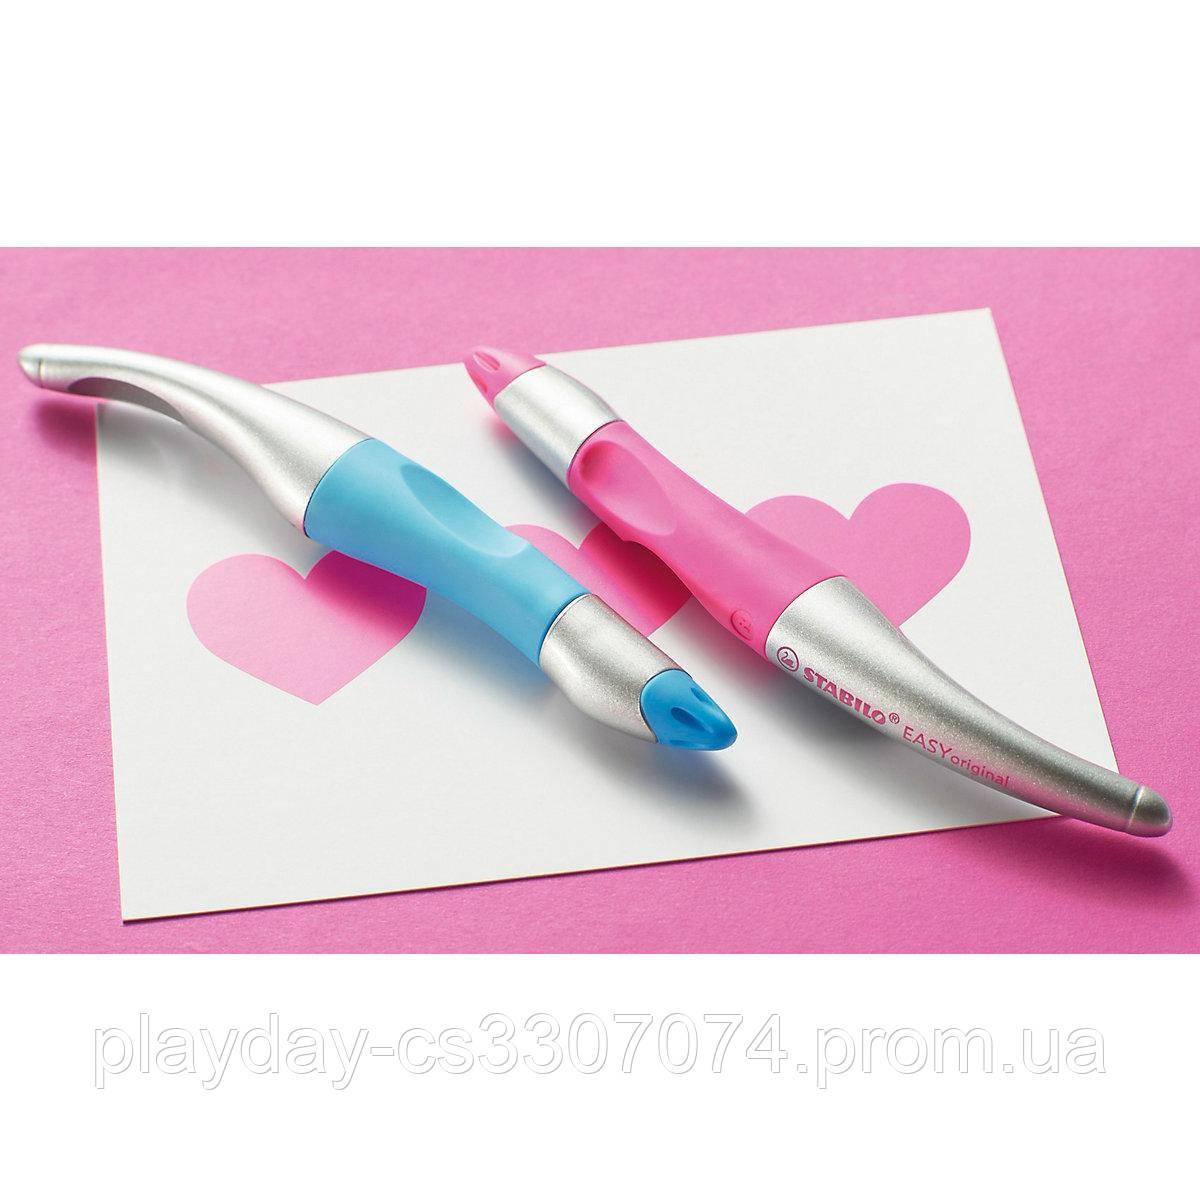 Шариковая ручка для левши Stabilo + 3 стержня синего цвета (Германия)